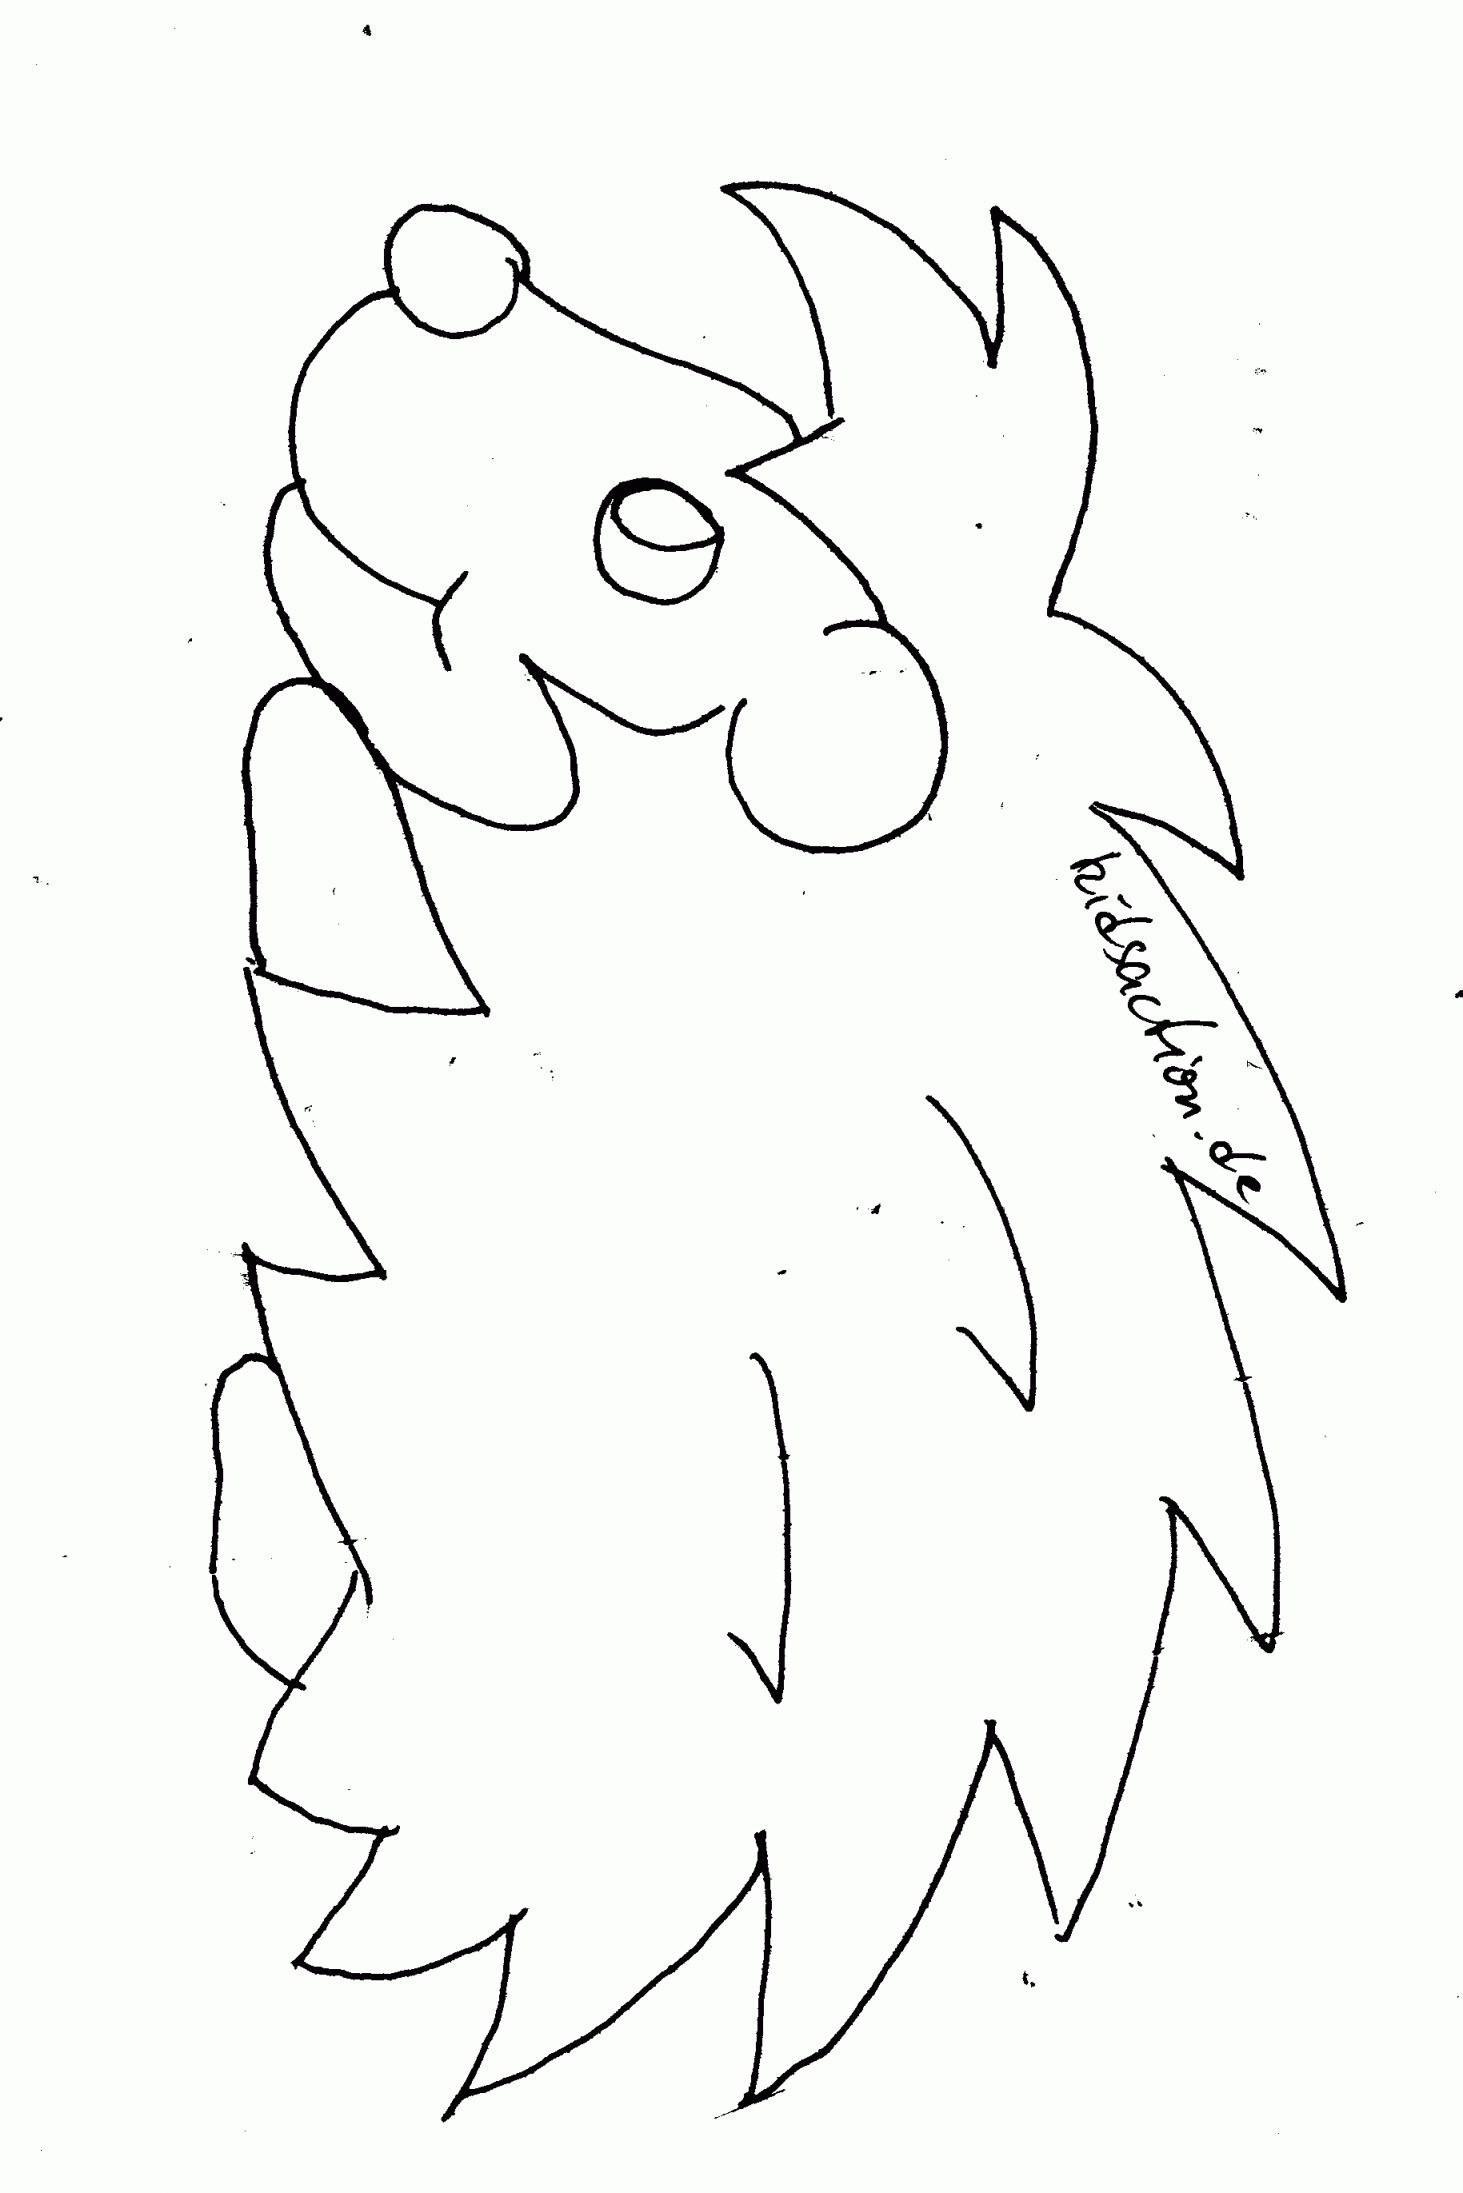 Ausmalbild Prinzessin Einhorn Genial Einhorn Bilder Zum Ausdrucken Am Besten Malvorlagen Igel Elegant Stock